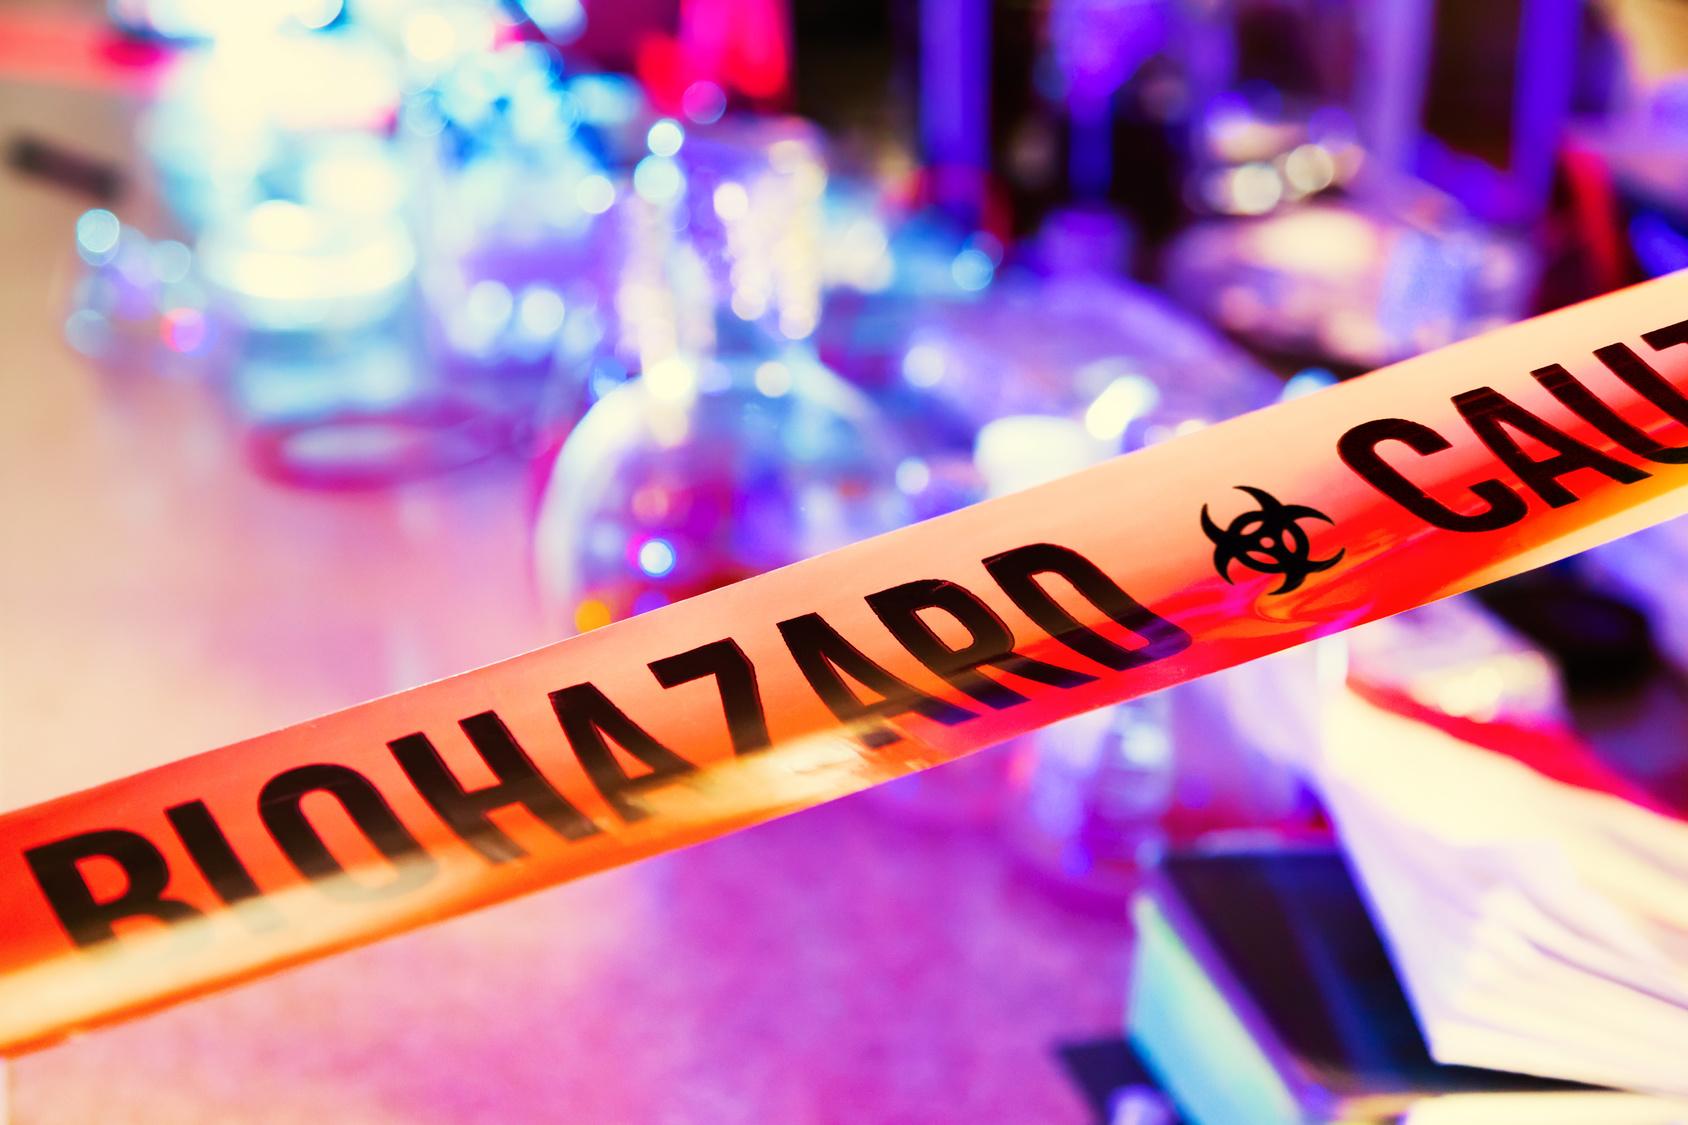 Biohazard-Cleanup-San-Diego-CA